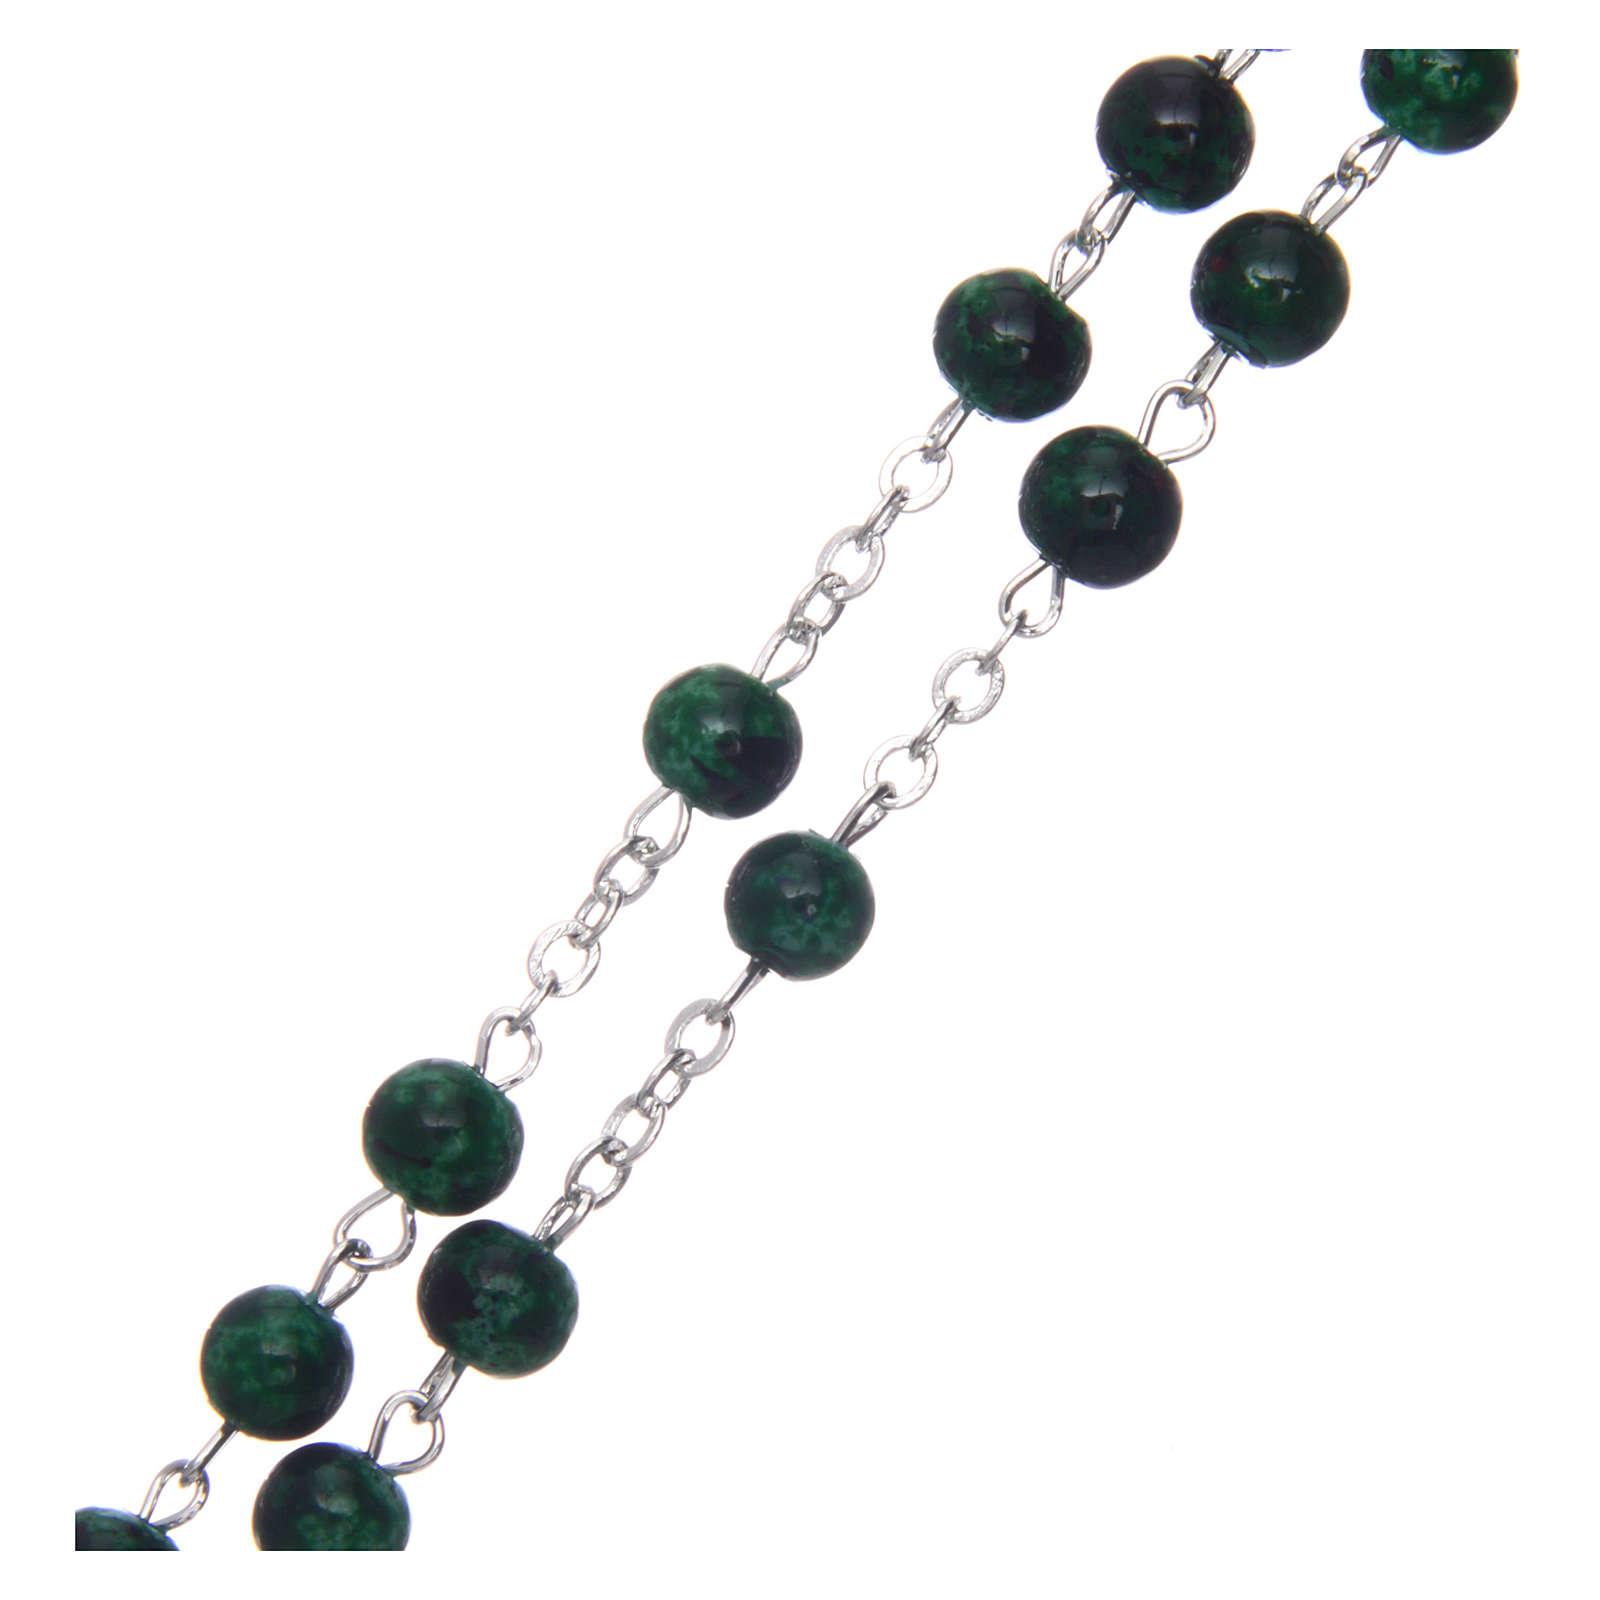 Chapelet verre rond vert 6 mm 4